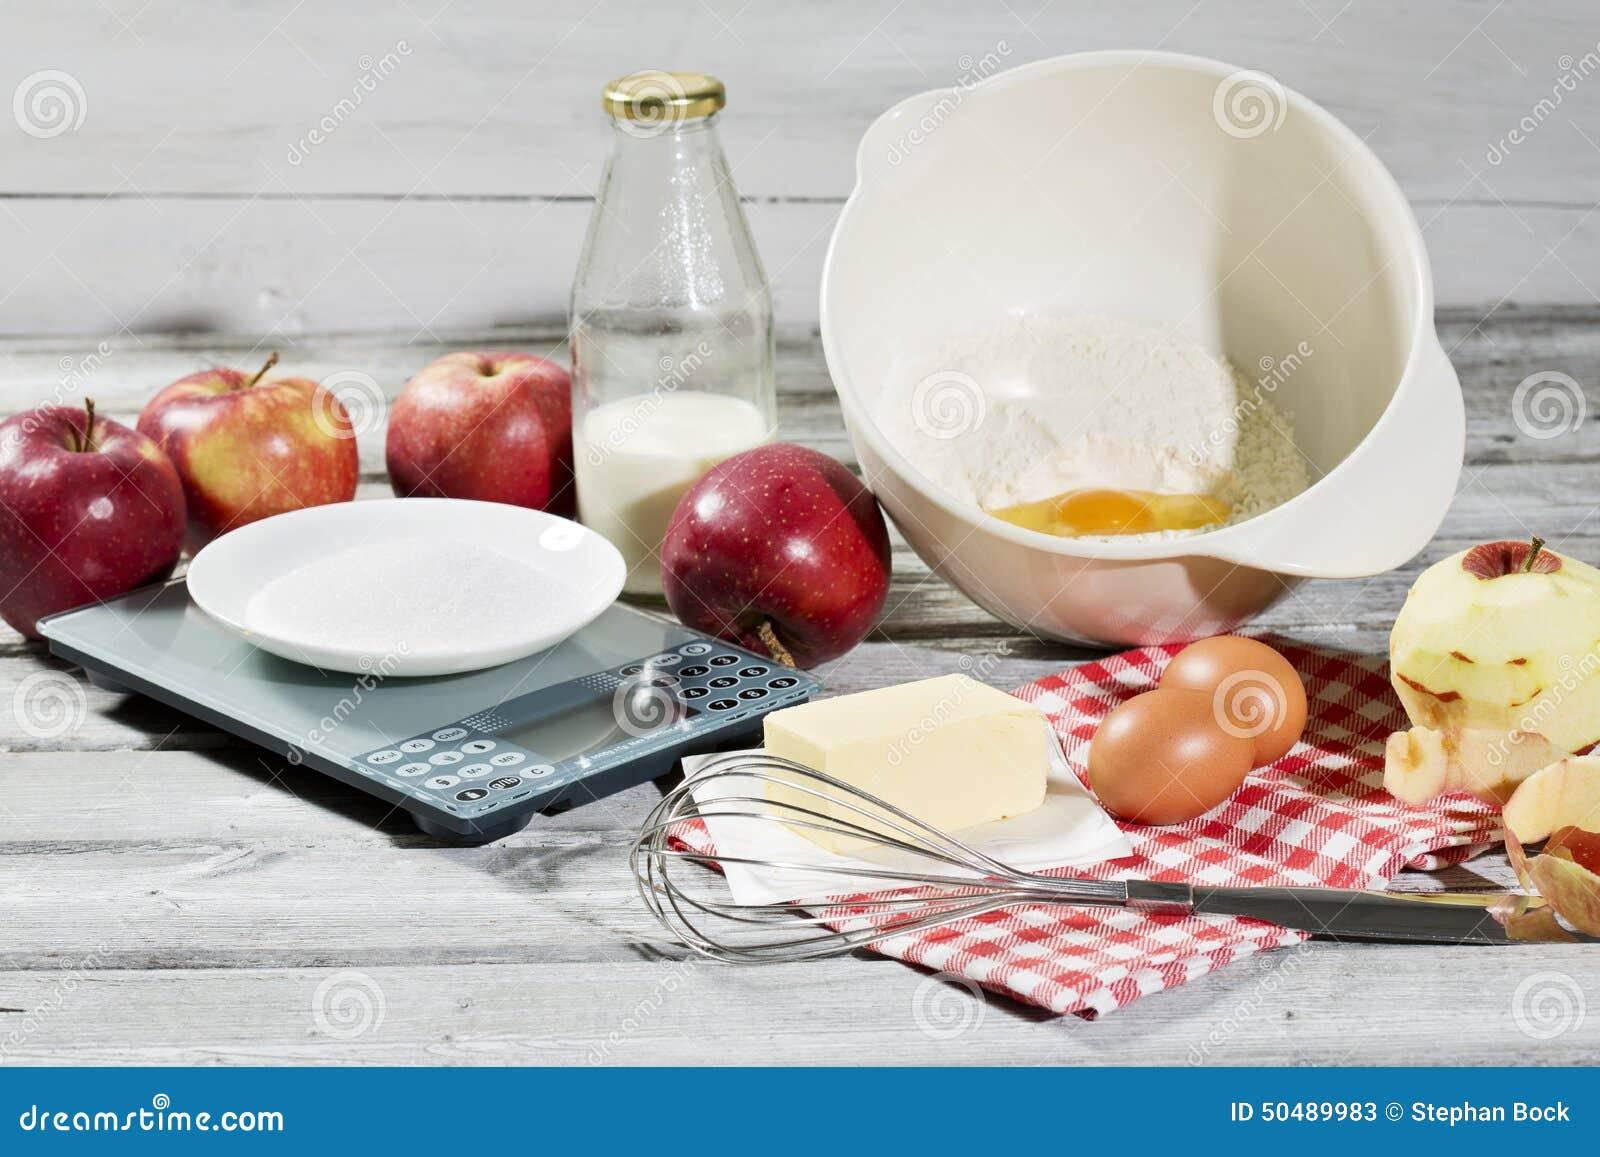 Ingr dients pour la tarte aux pommes les pommes le - Machine pour ramasser les pommes ...